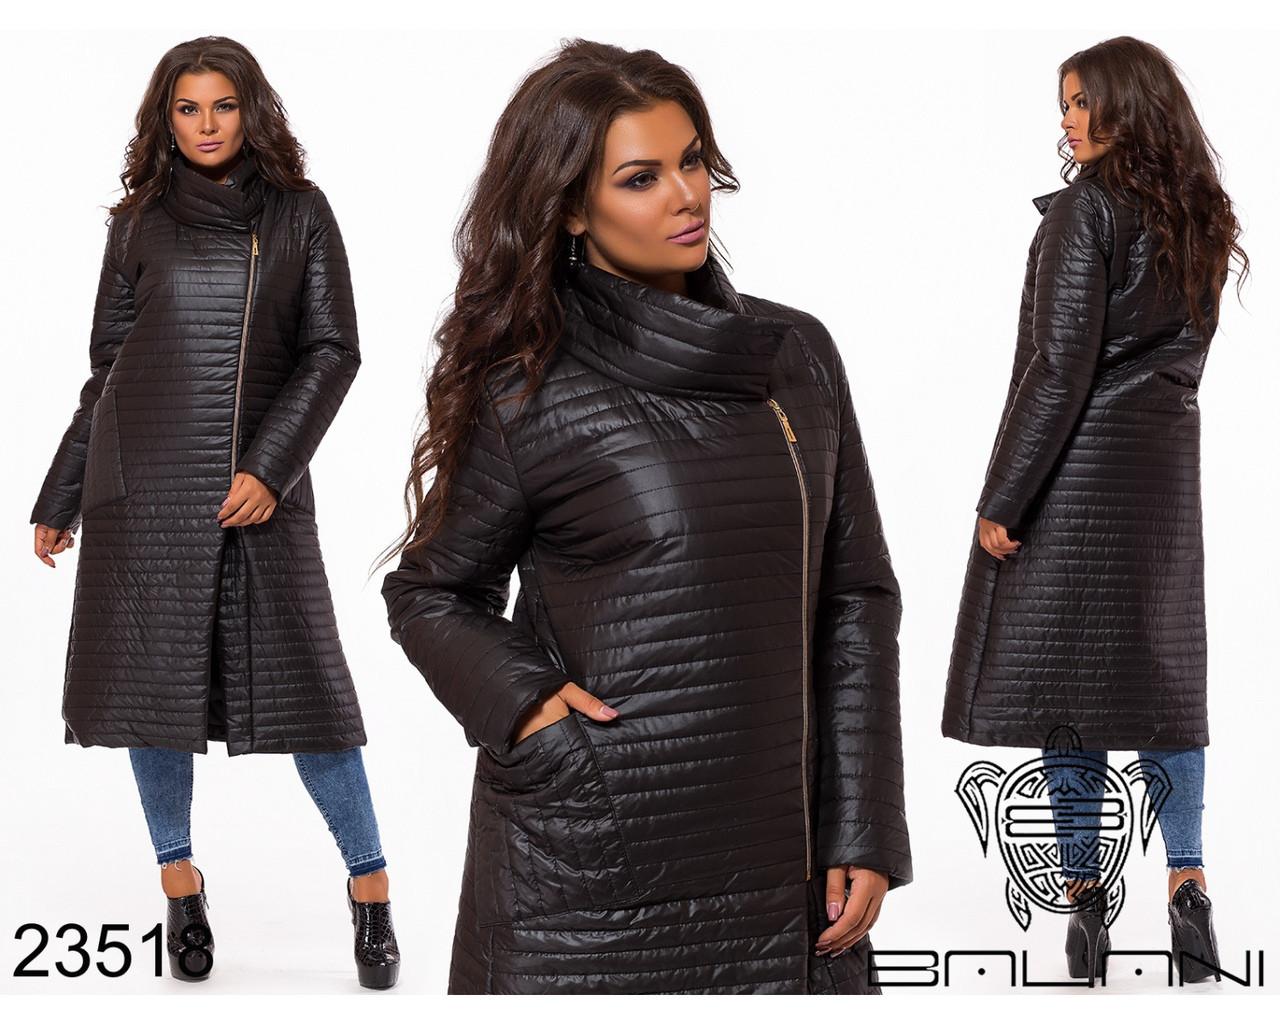 Стильная удлиненная куртка в горизонтальную строчку и ромбик